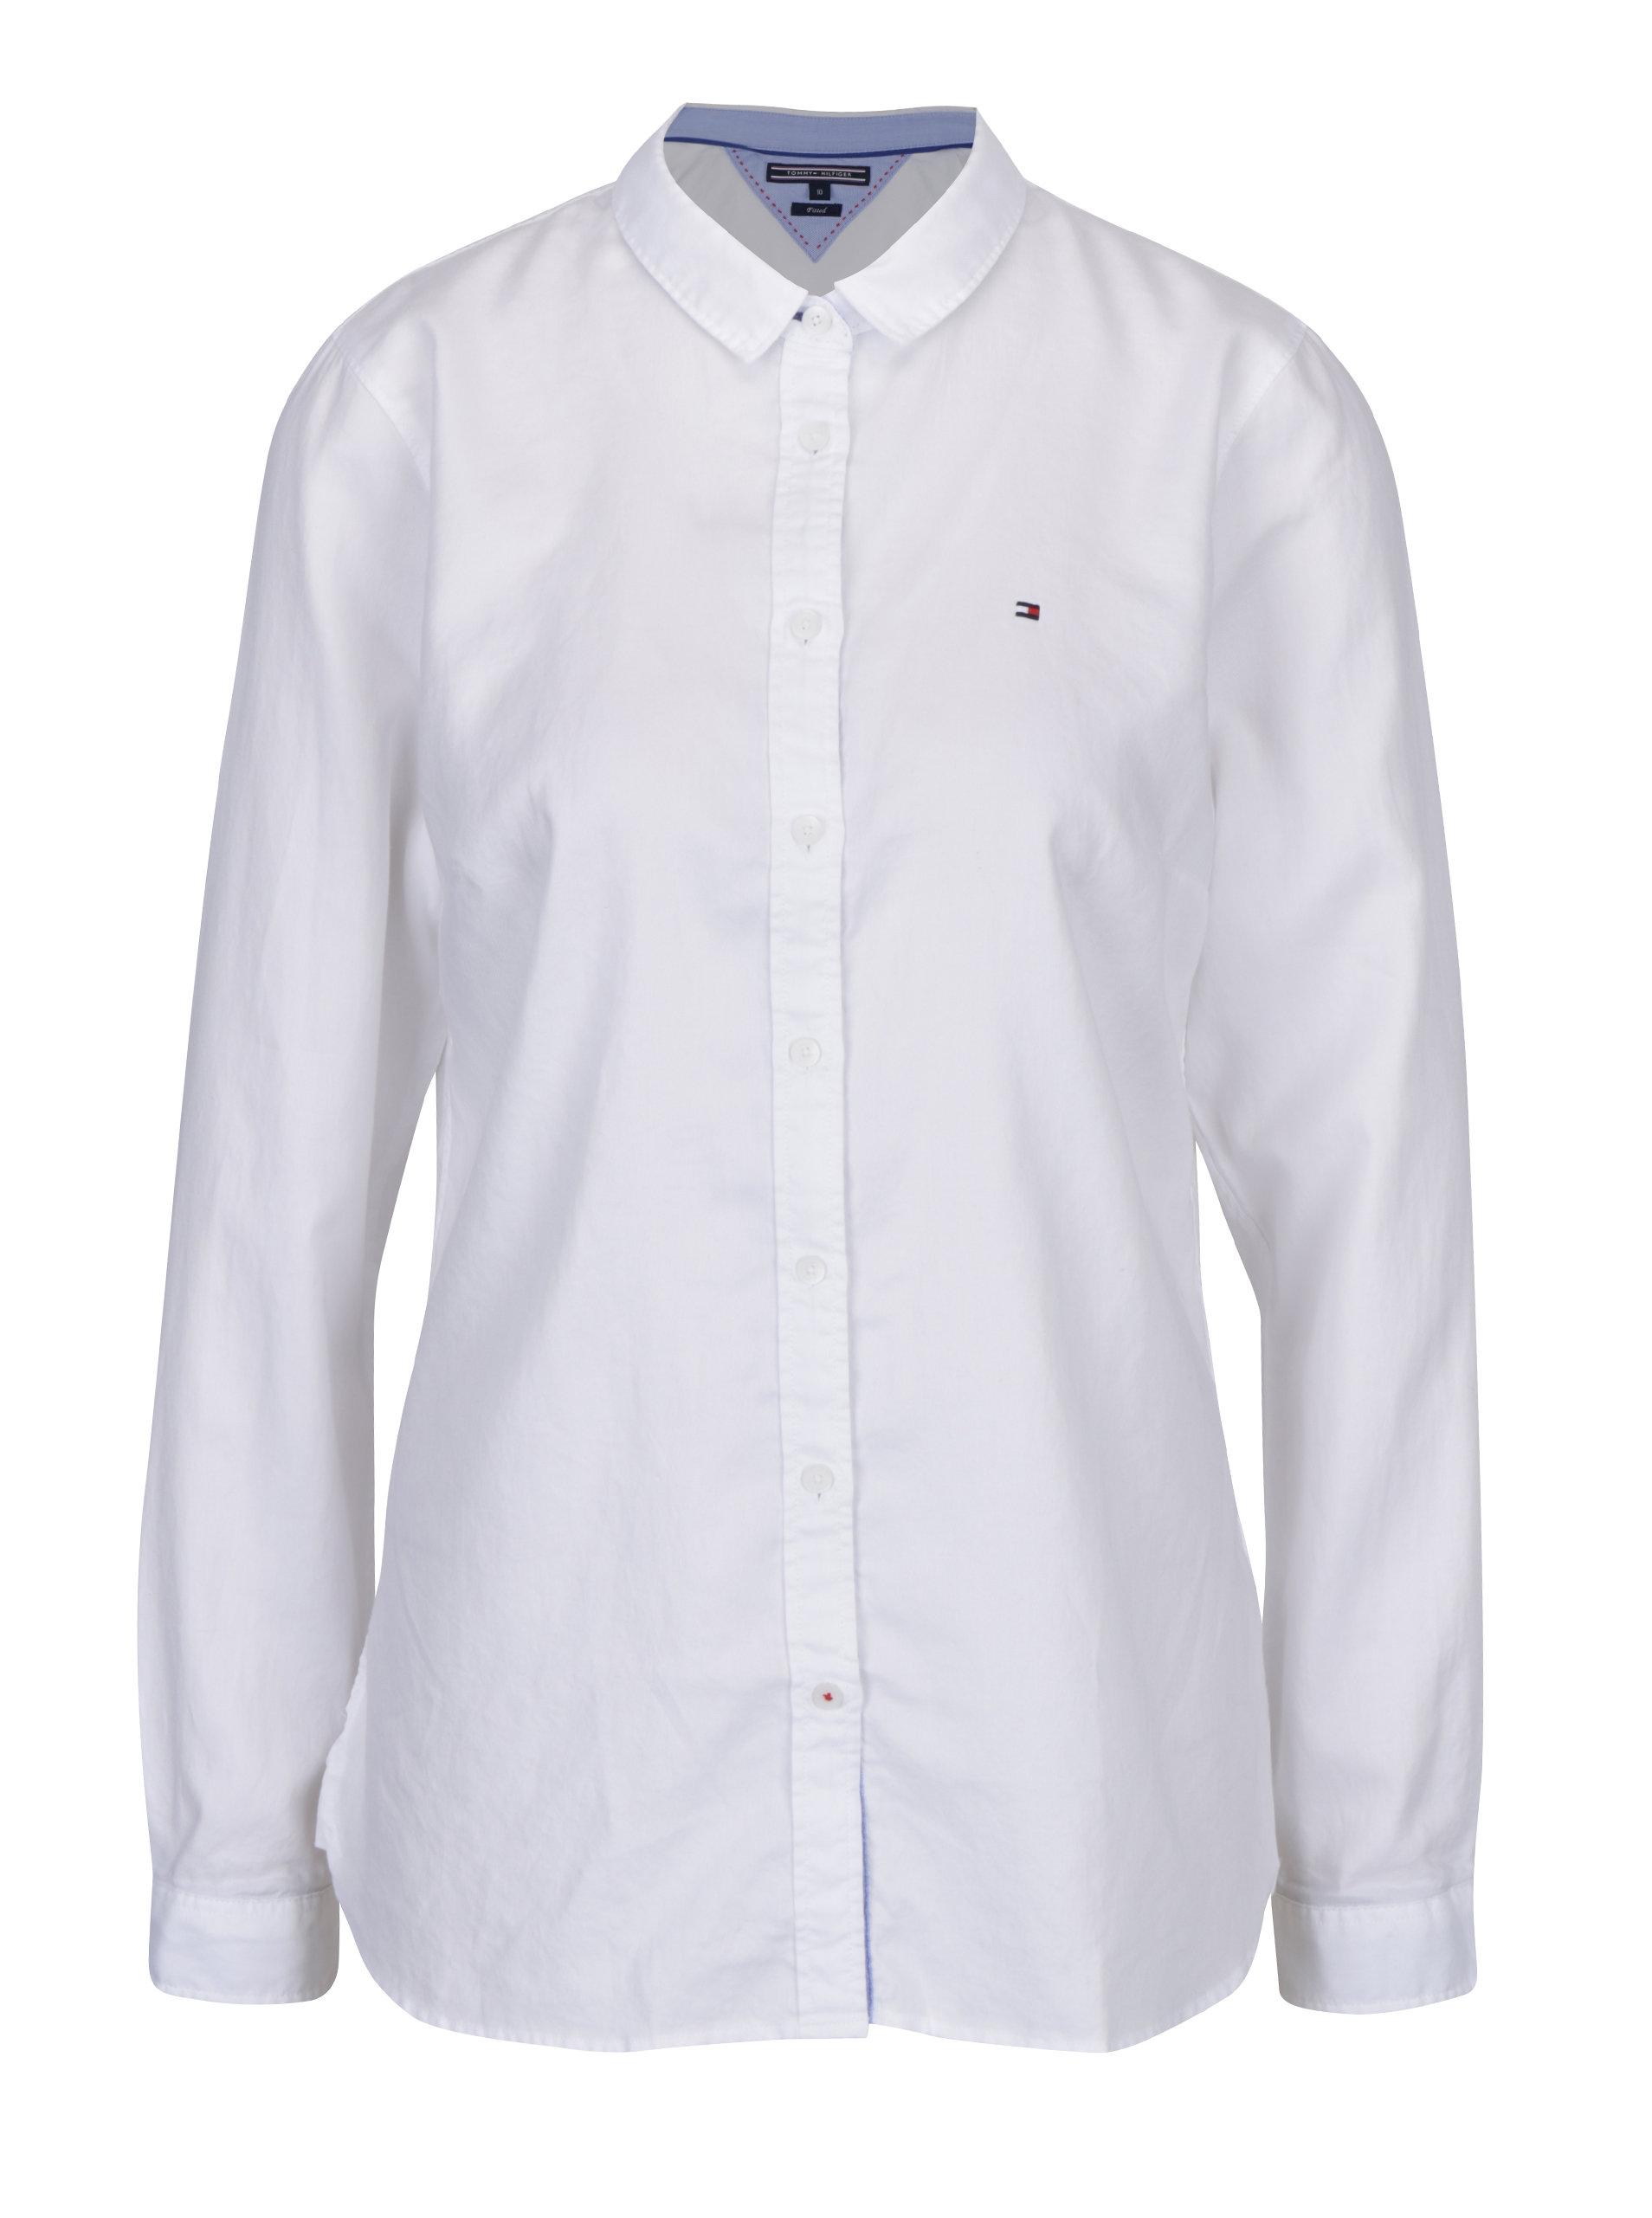 4f0876612be Bílá dámská fitted košile Tommy Hilfiger Jenna ...